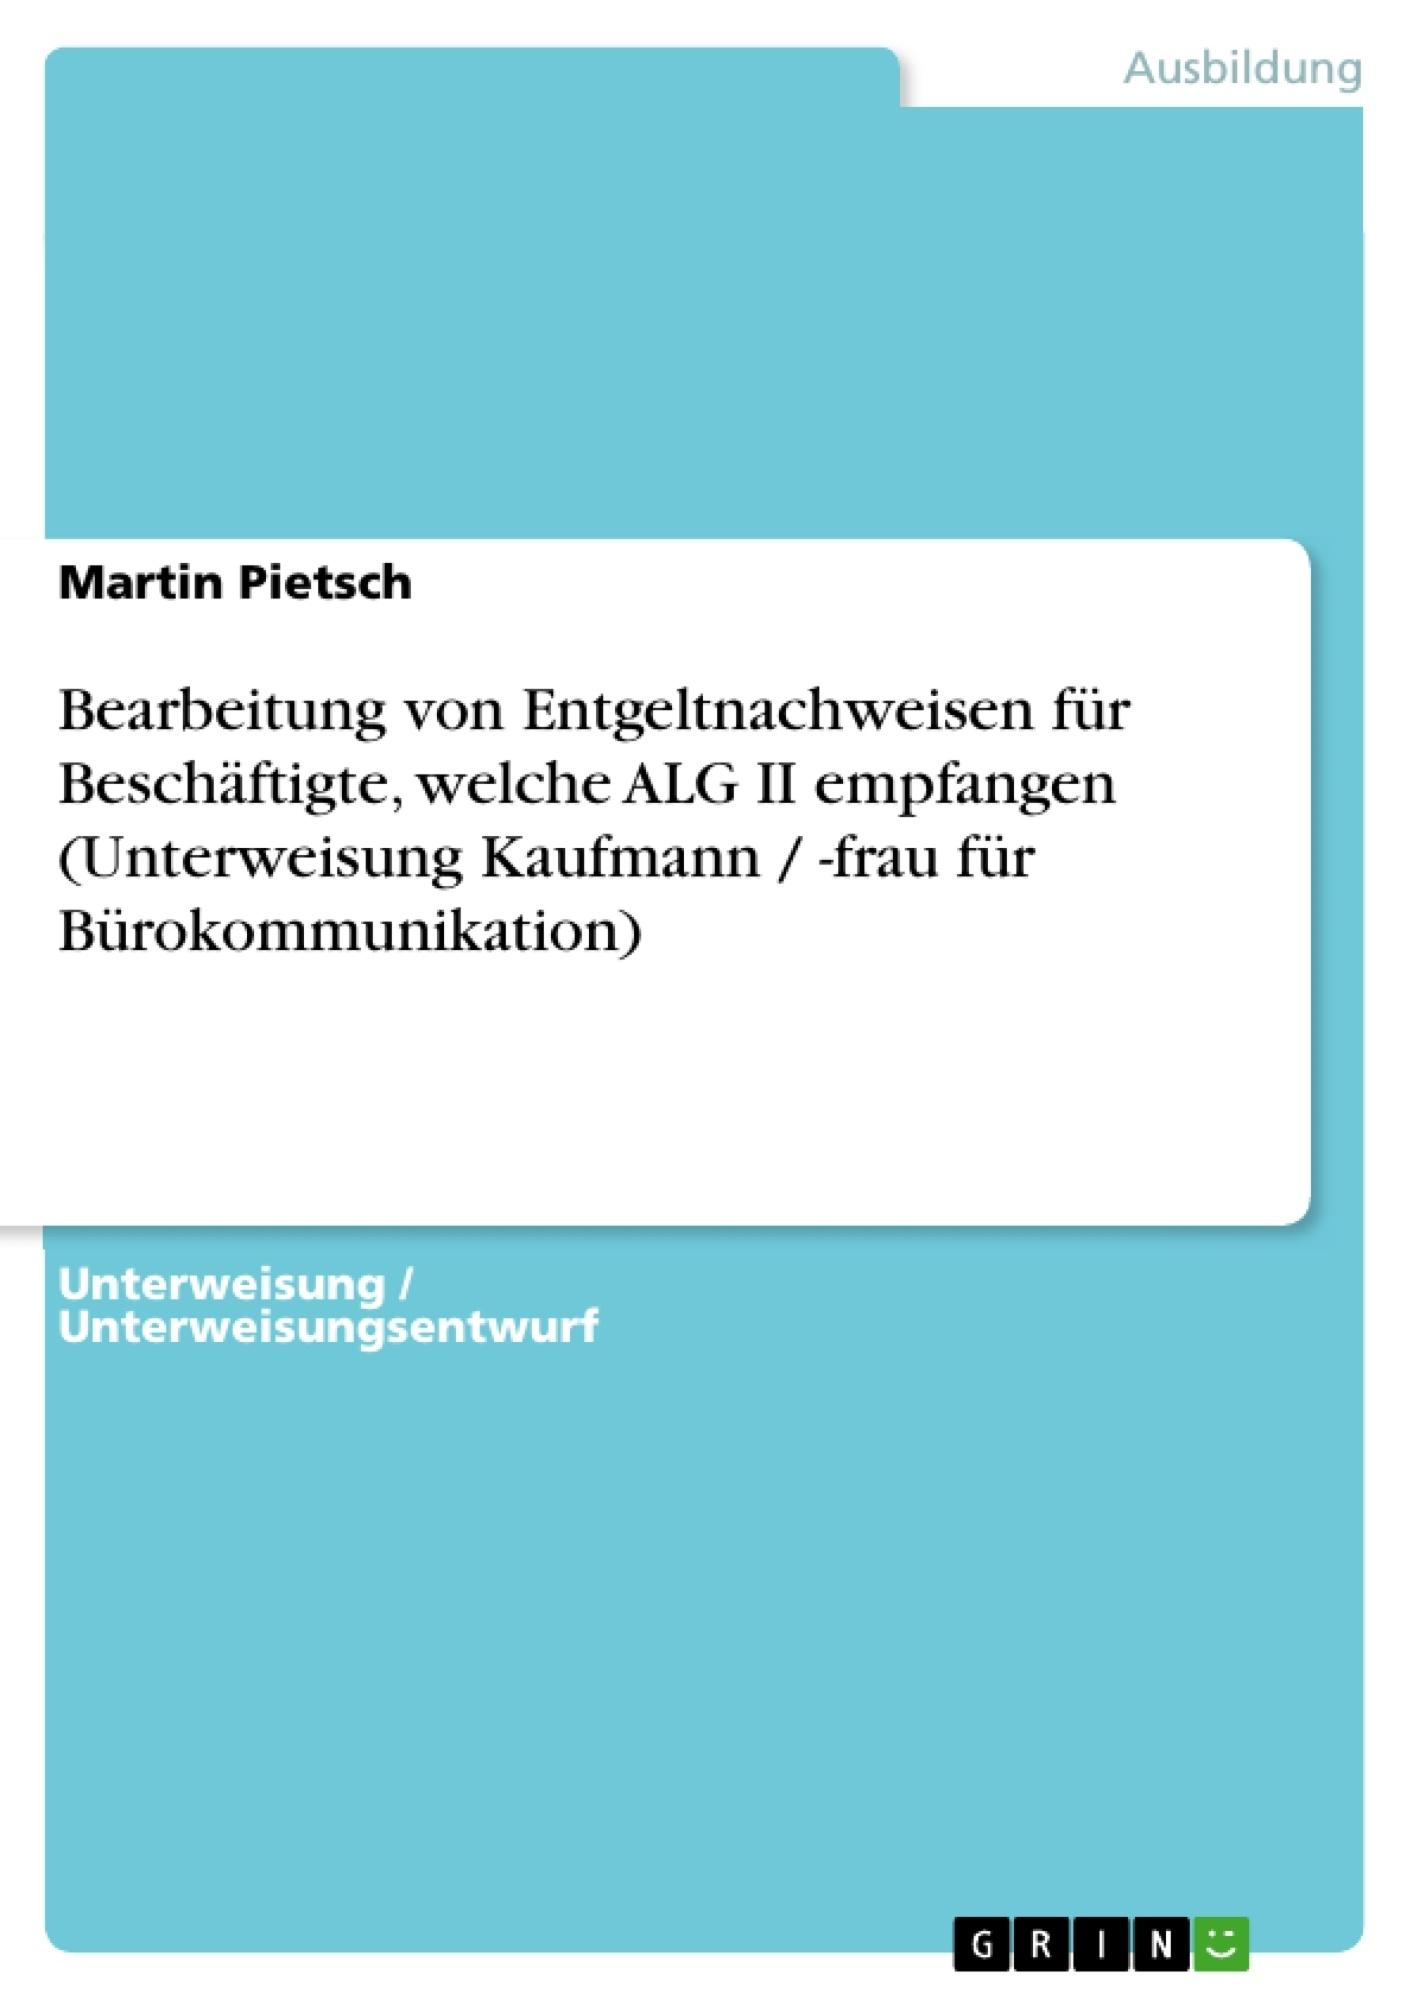 Titel: Bearbeitung von Entgeltnachweisen für Beschäftigte, welche ALG II empfangen (Unterweisung Kaufmann / -frau  für Bürokommunikation)